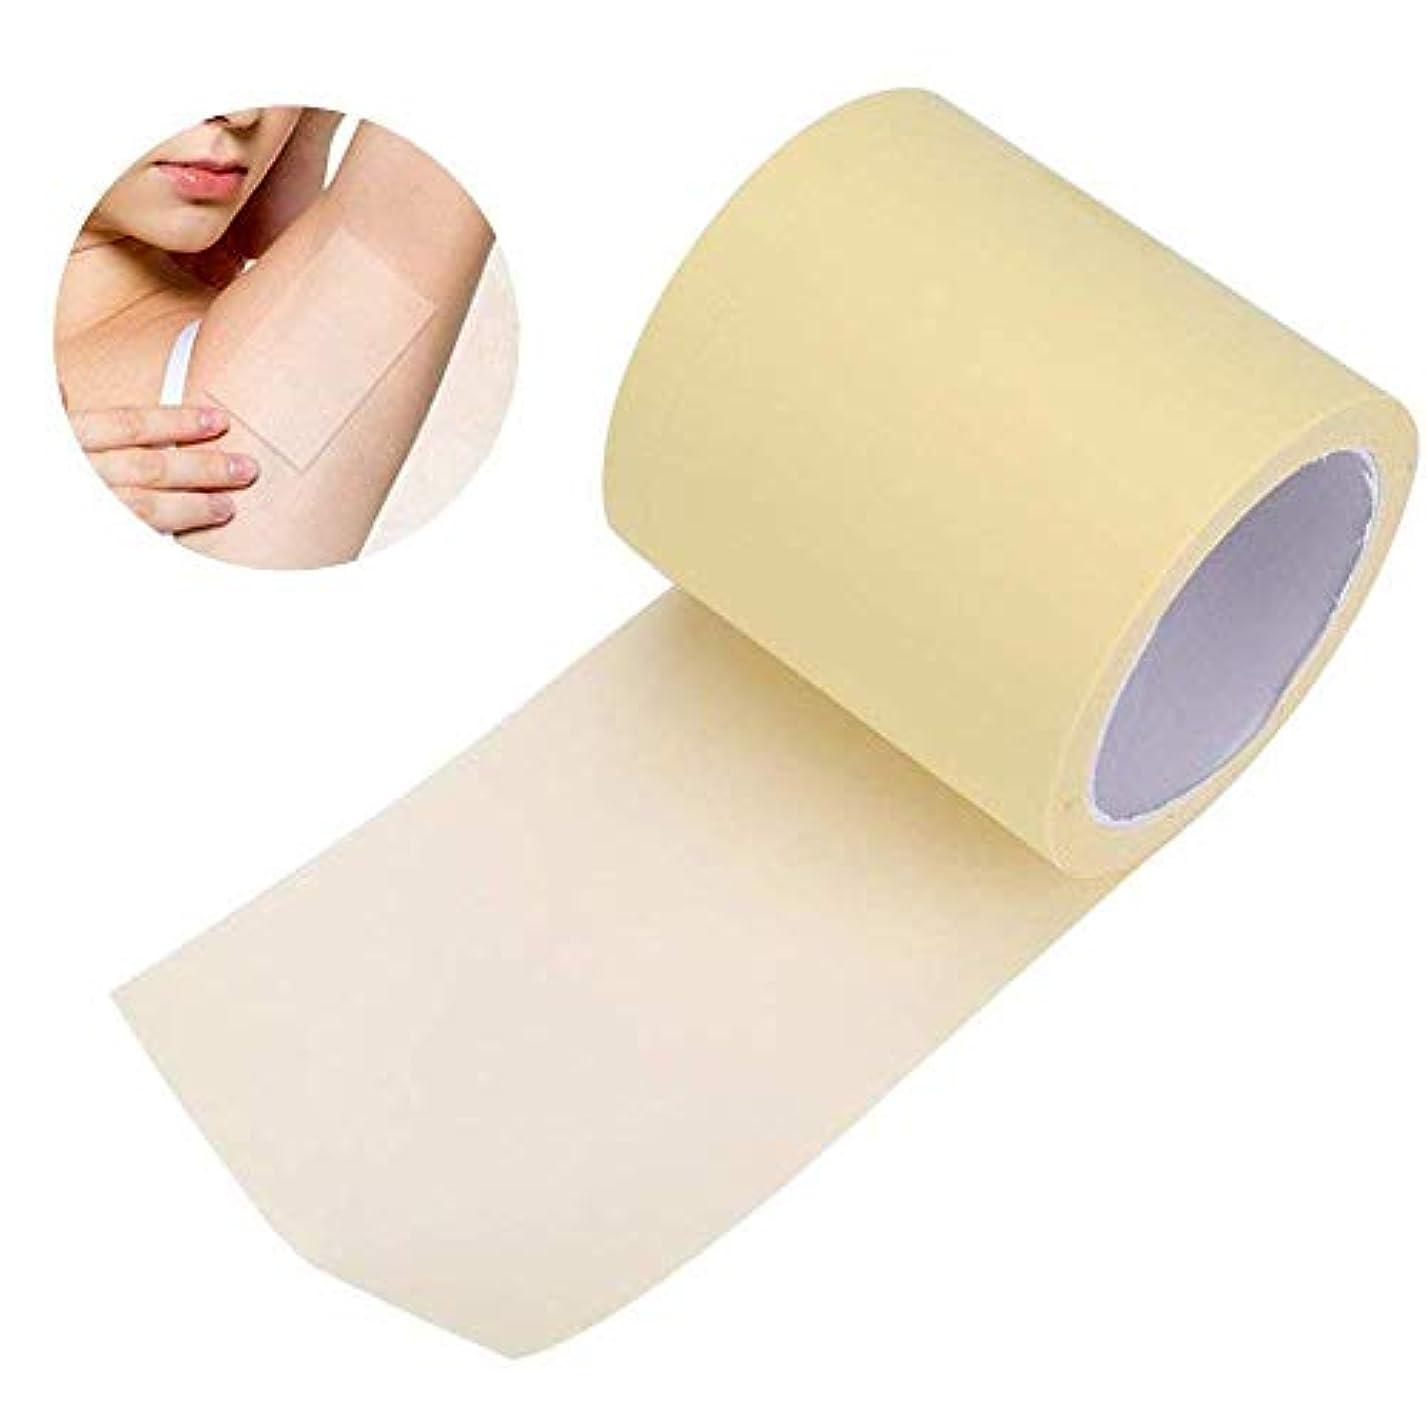 現実には補助金怒ってcoraly 汗止めパッド 脇の下汗パッド 皮膚に優しい 脇の汗染み防止 抗菌加工 超薄型 透明 男性/女性対応 (タイプ1)